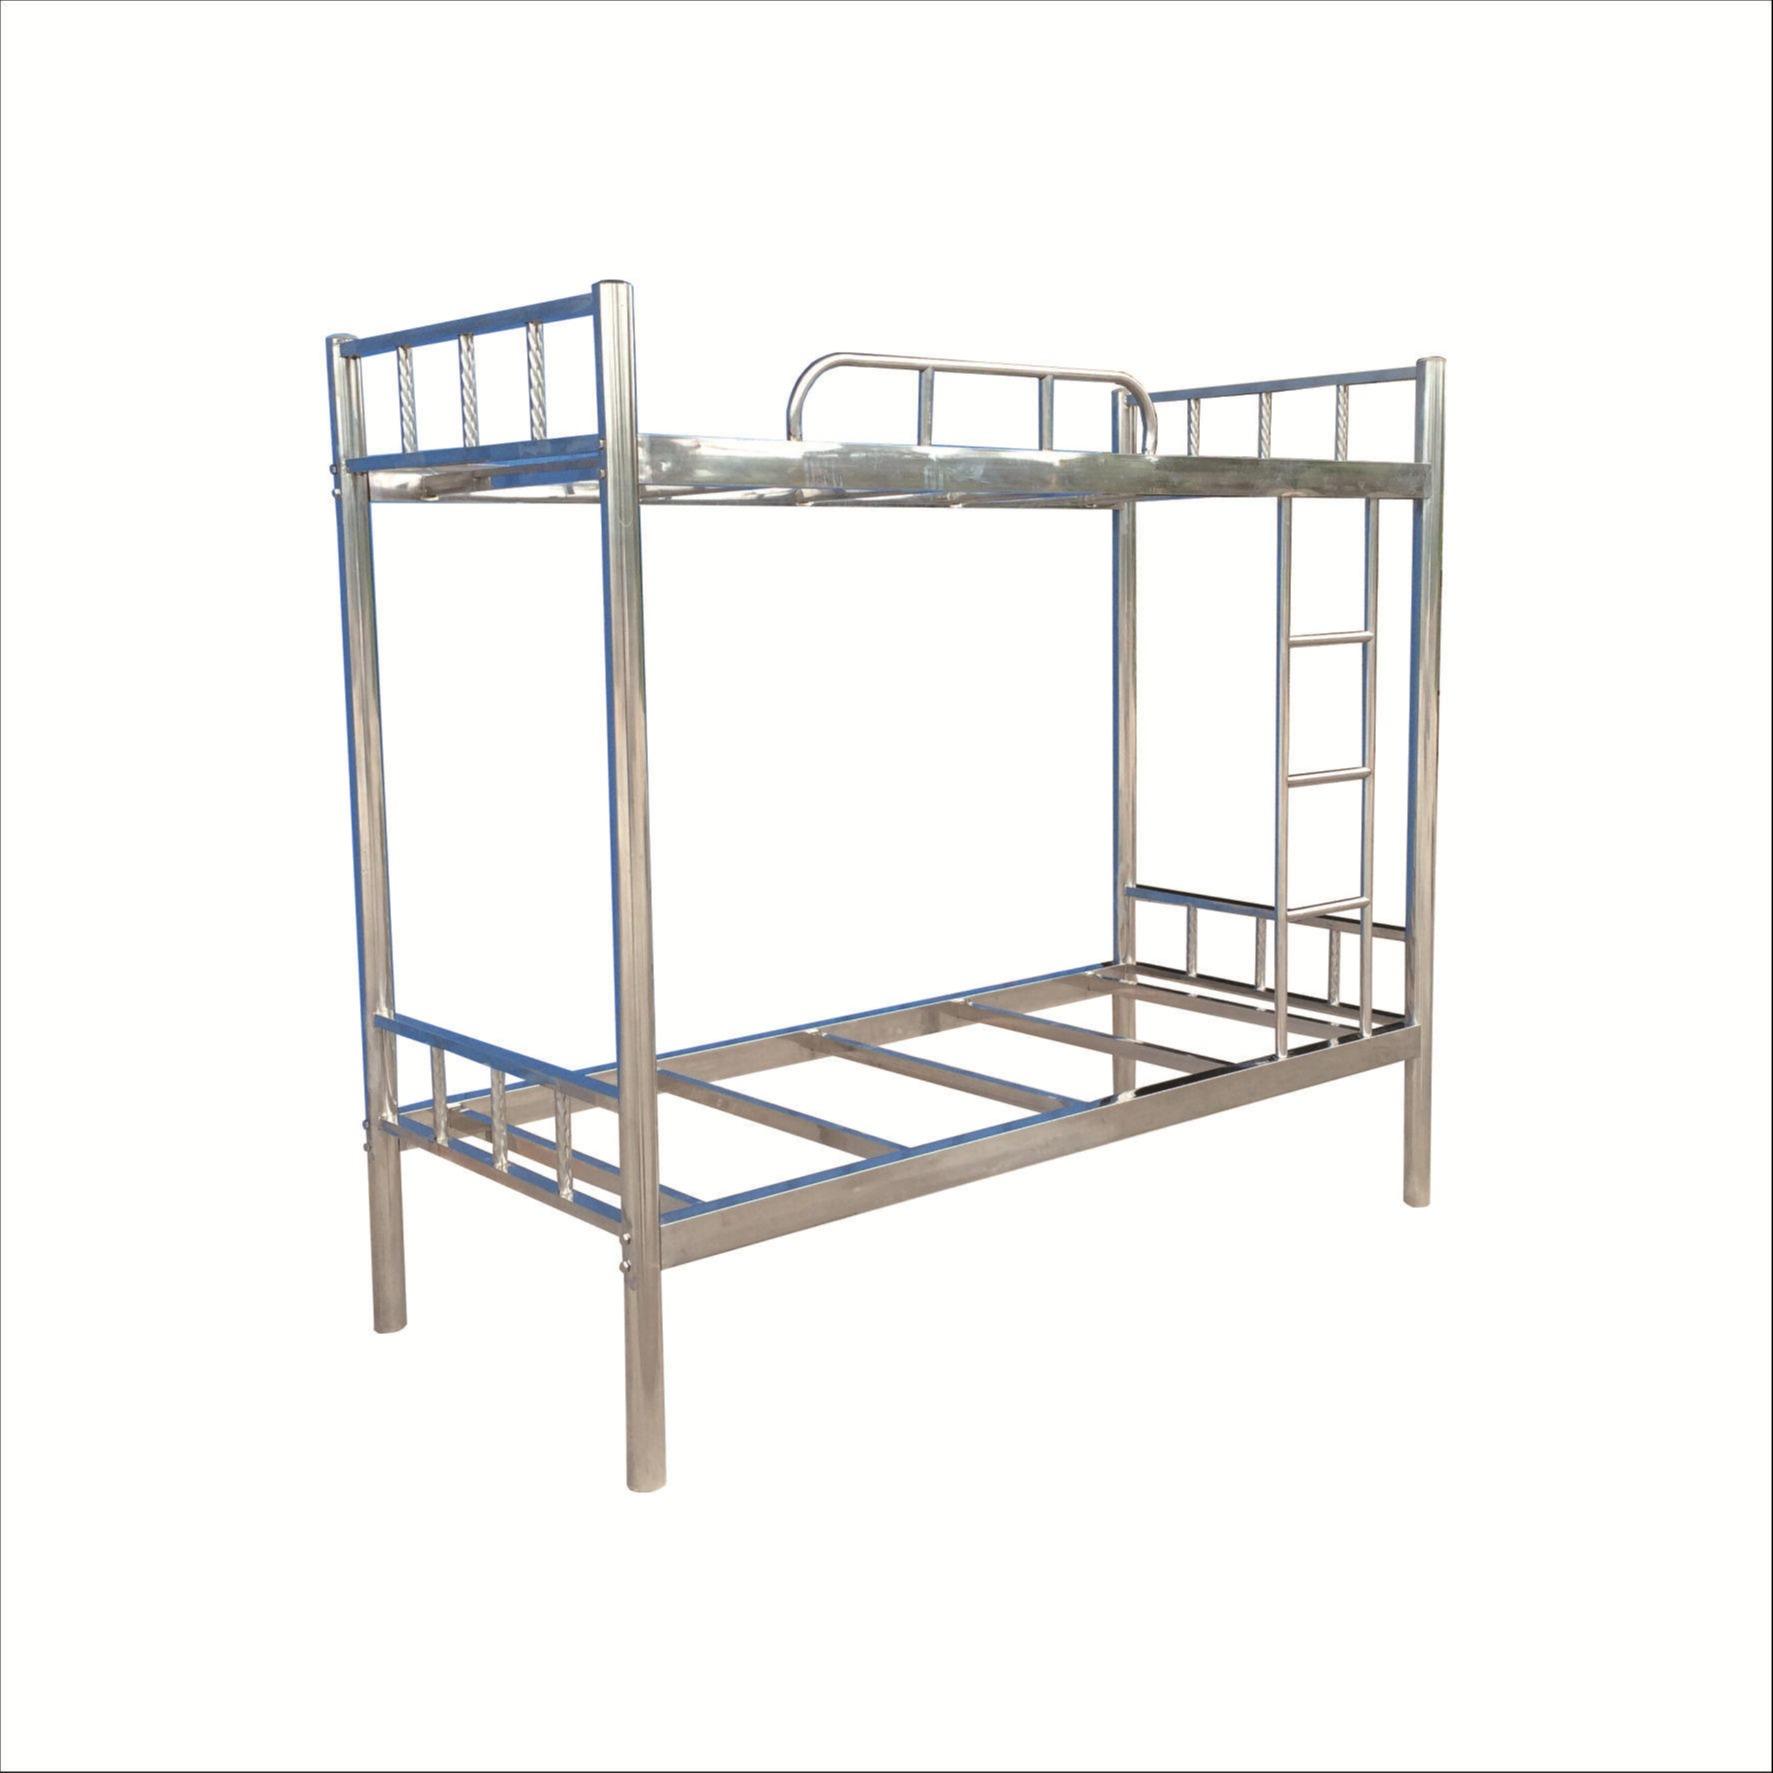 順德不銹鋼上下床-ZT-D02-順德不銹鋼高低床-順德不銹鋼上下床批發